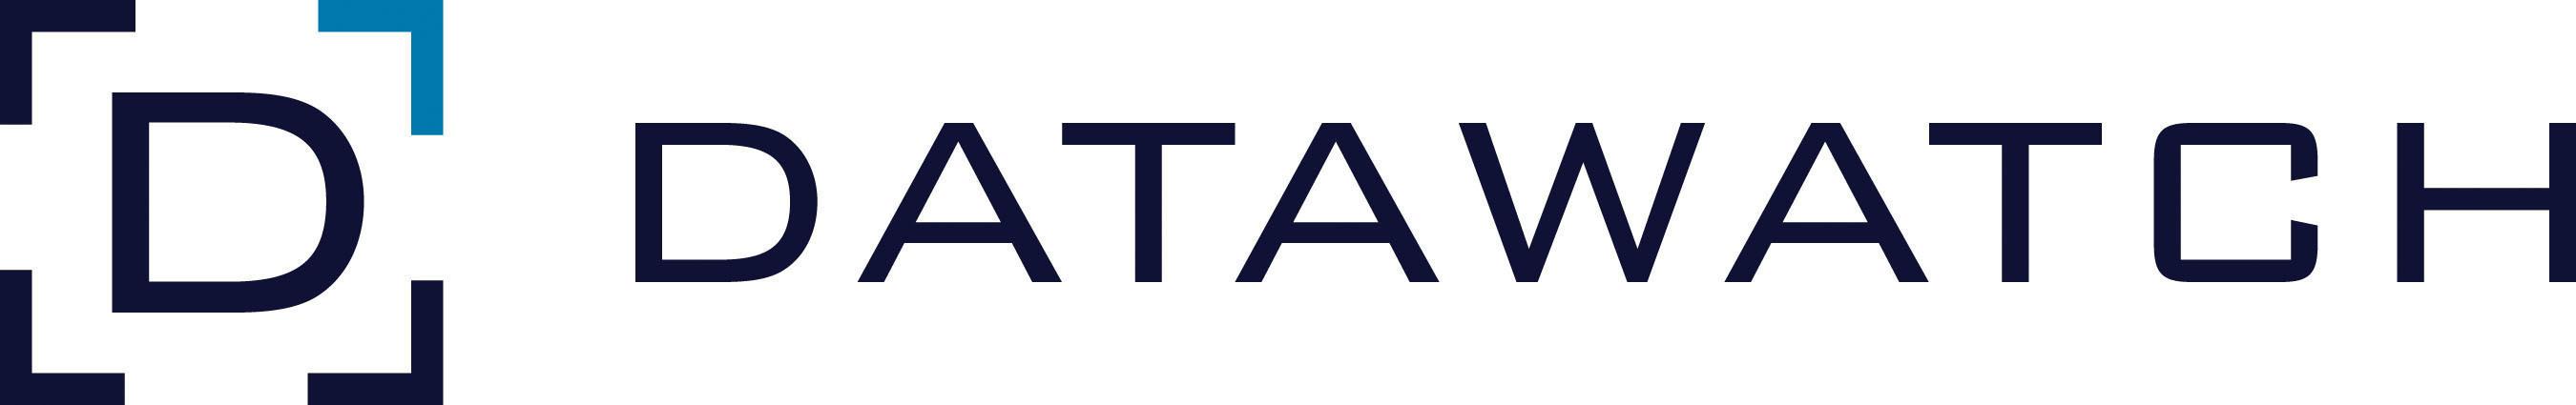 Datawatch logo. (PRNewsFoto/Datawatch Corporation) (PRNewsFoto/)